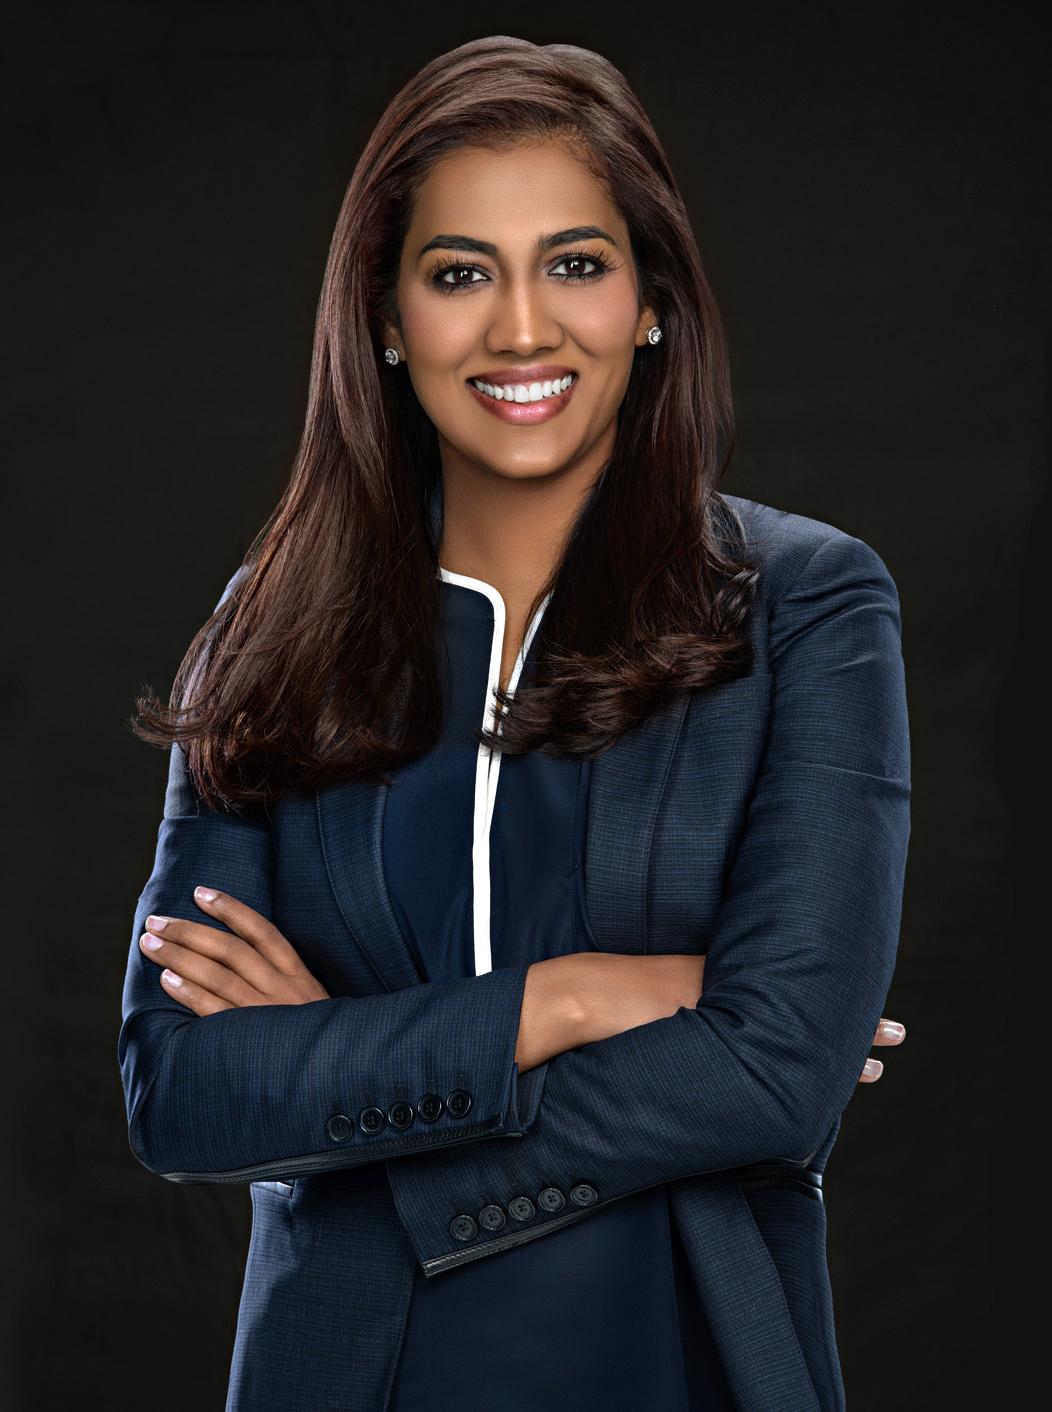 portrait of a business woman in MI